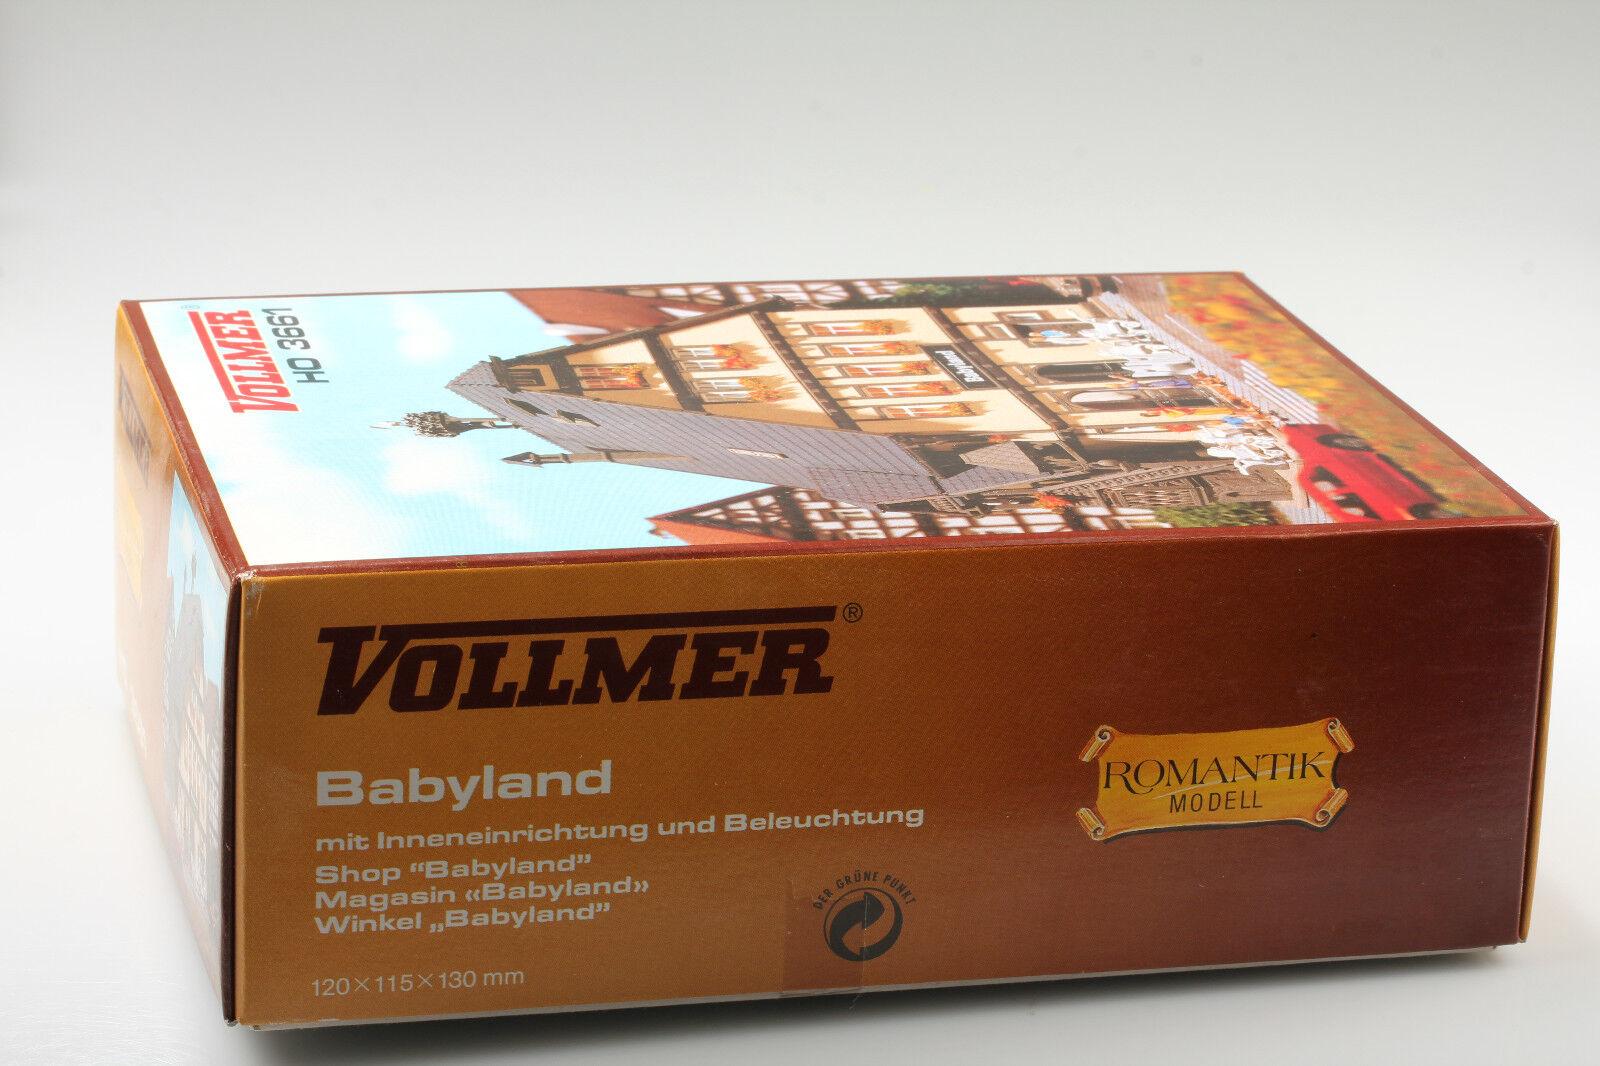 Vollmer H0  Grazioso Casa D'Affari   Babyland  H0  Conf. Orig. da Ferroviere dc20d3